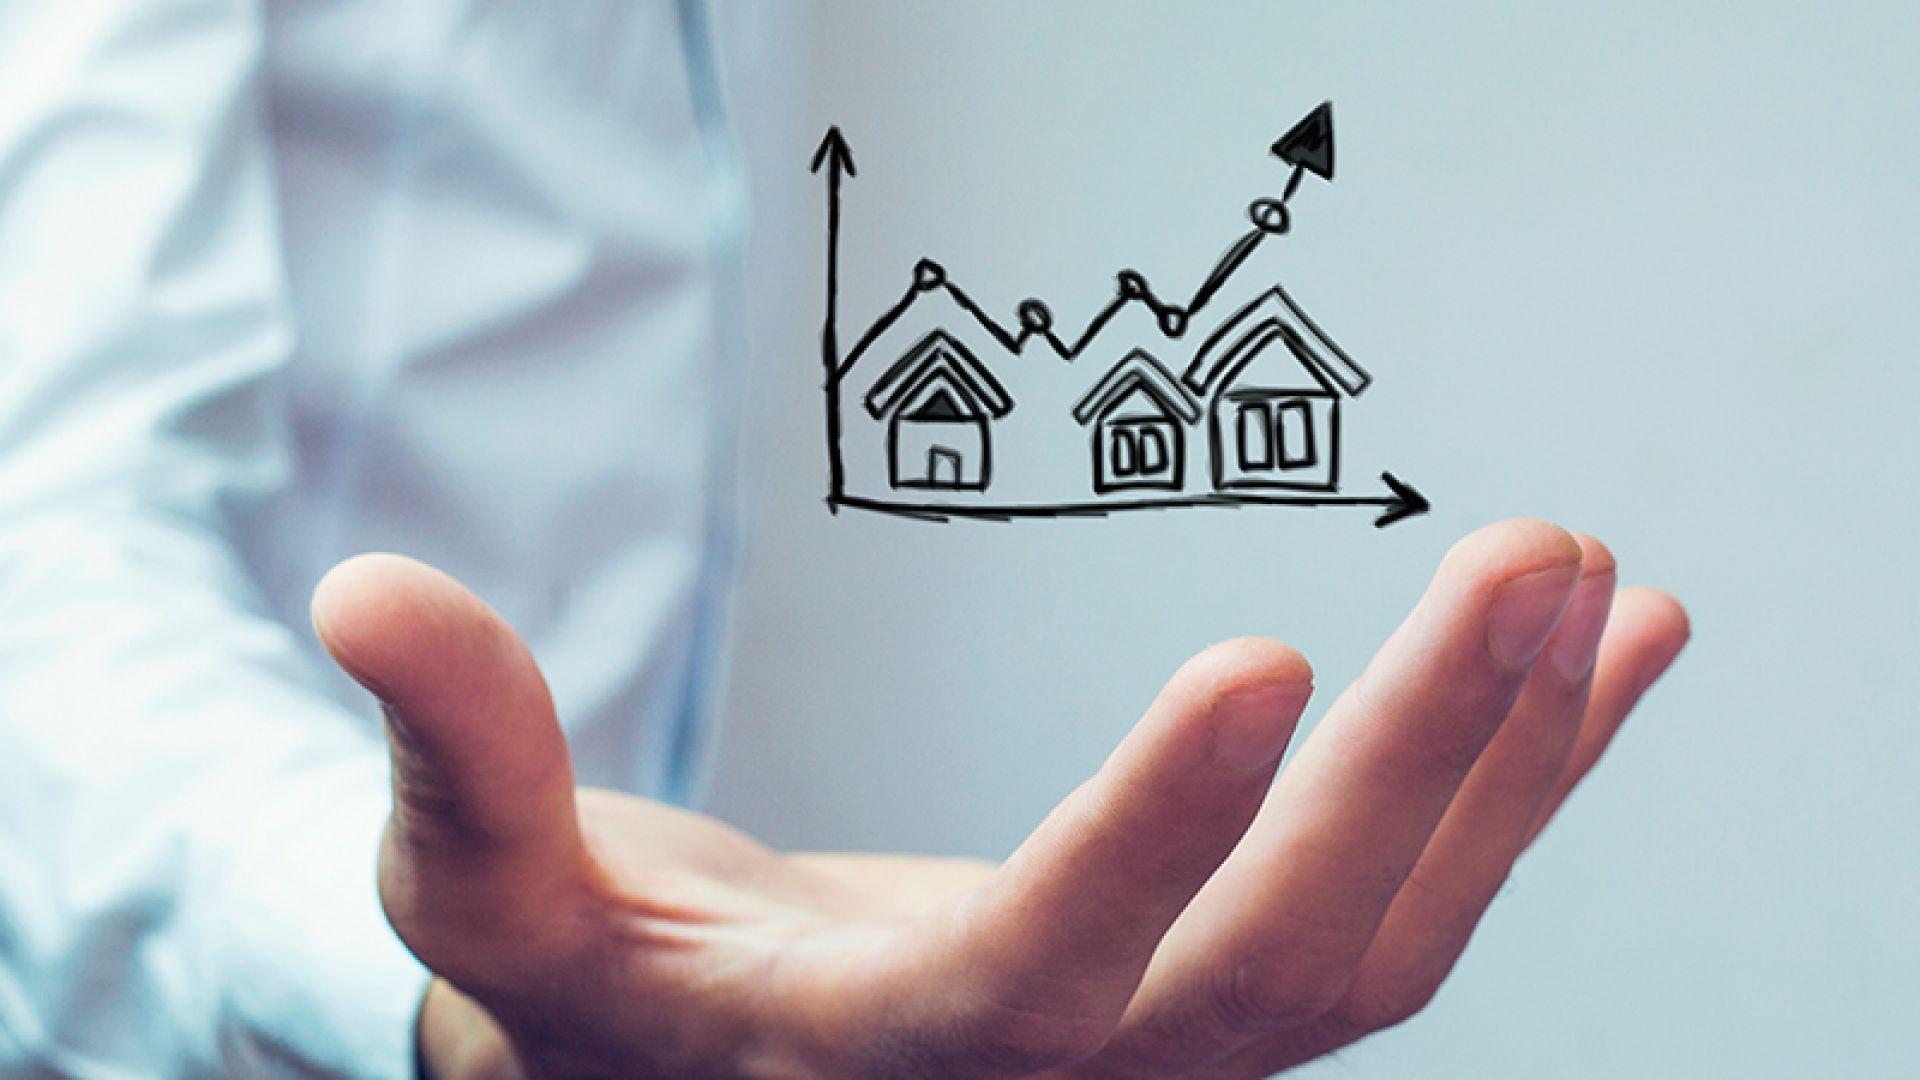 Mercado inmobiliario 2019: análisis y tendencias para el segundo trimestre